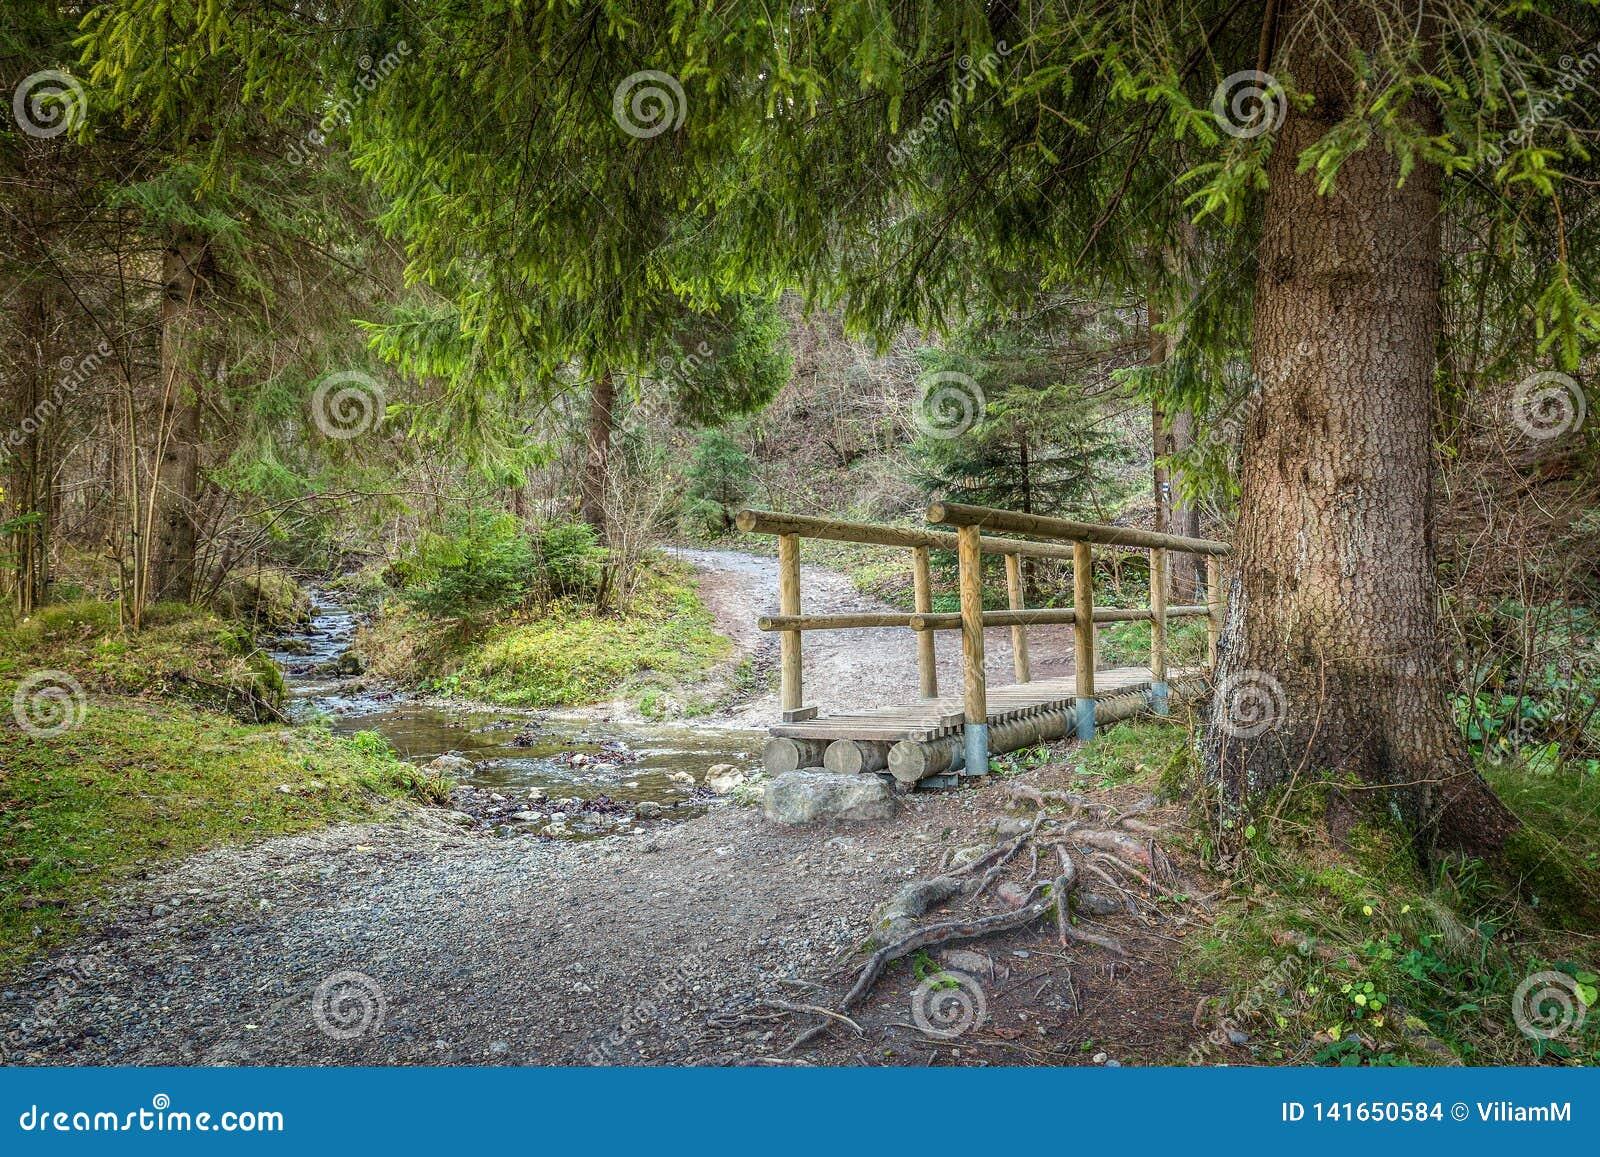 Ein hölzerner Steg über einem Strom in einem Wald